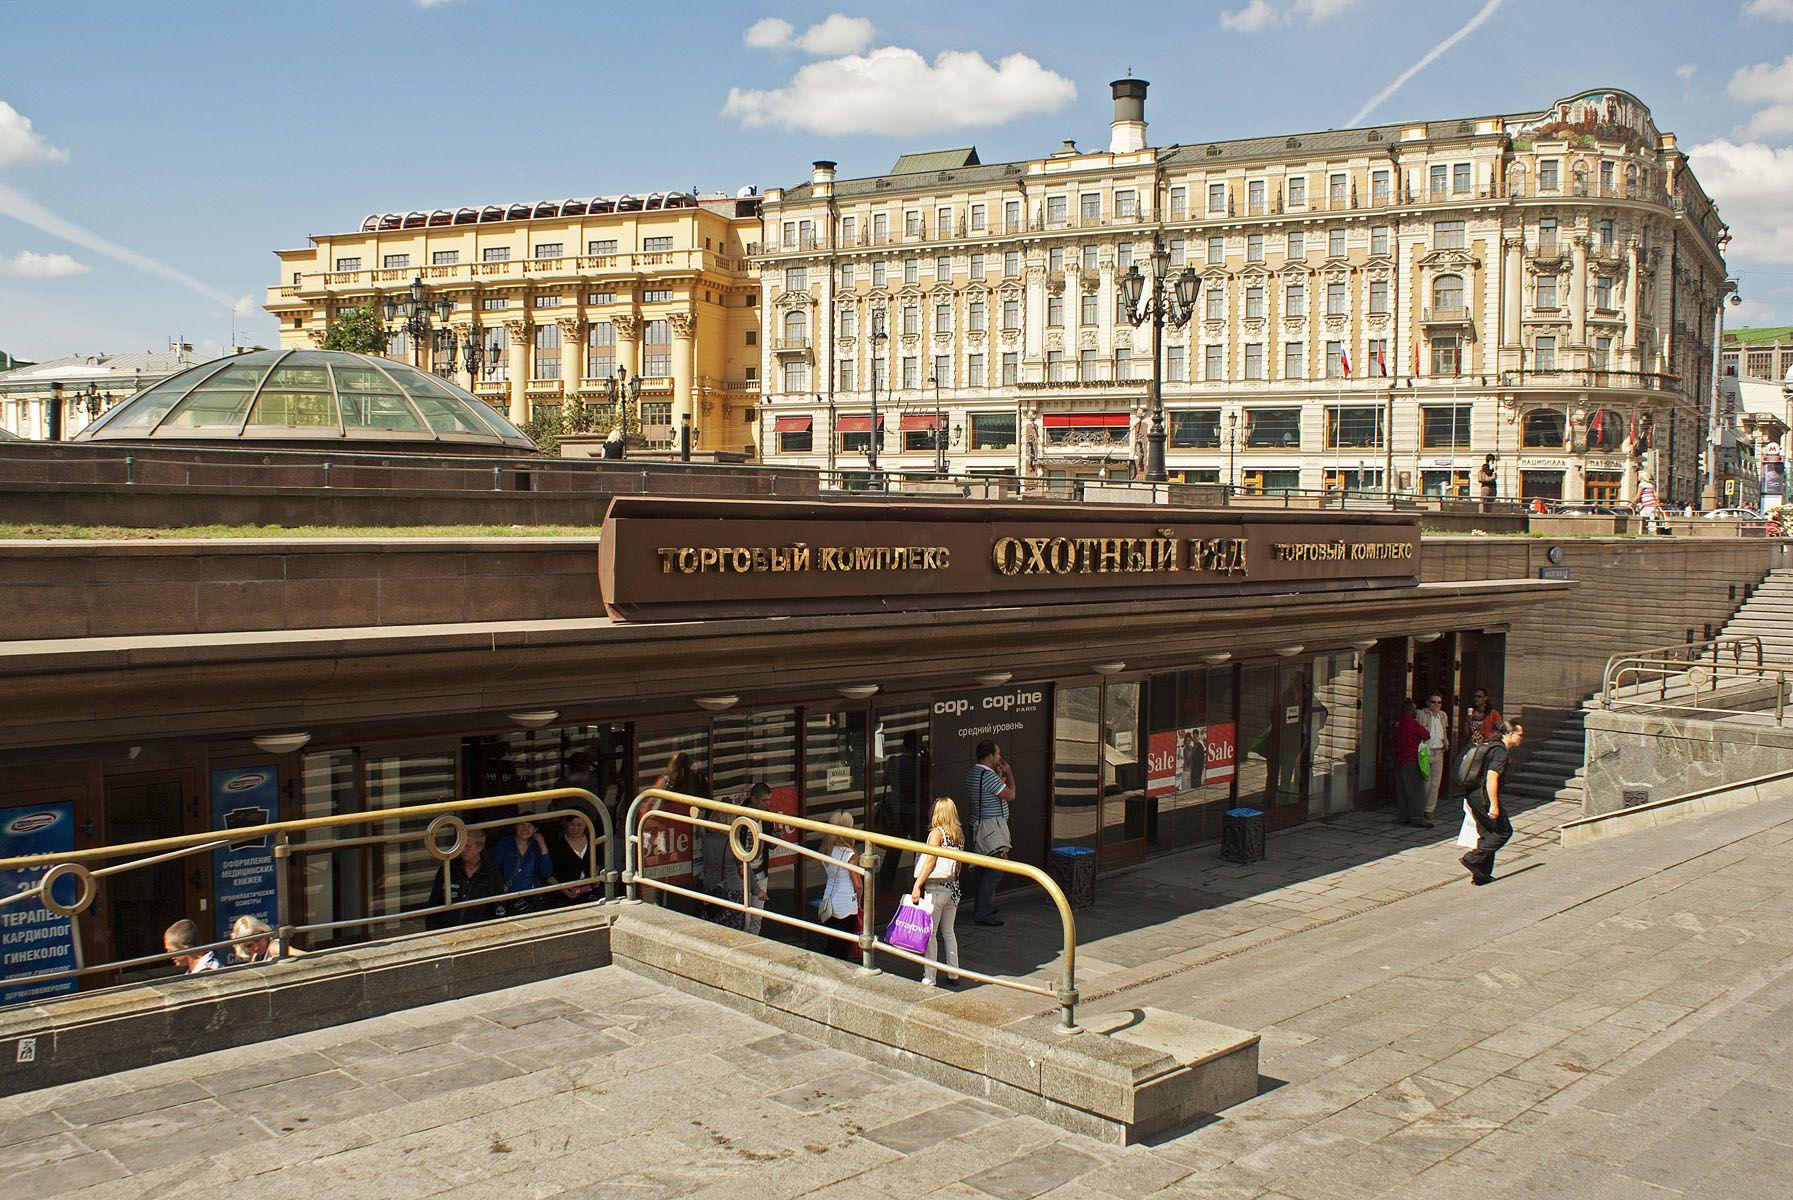 Интересный маршрут вокруг станции «Охотный ряд» в Москве ee5bb087fee